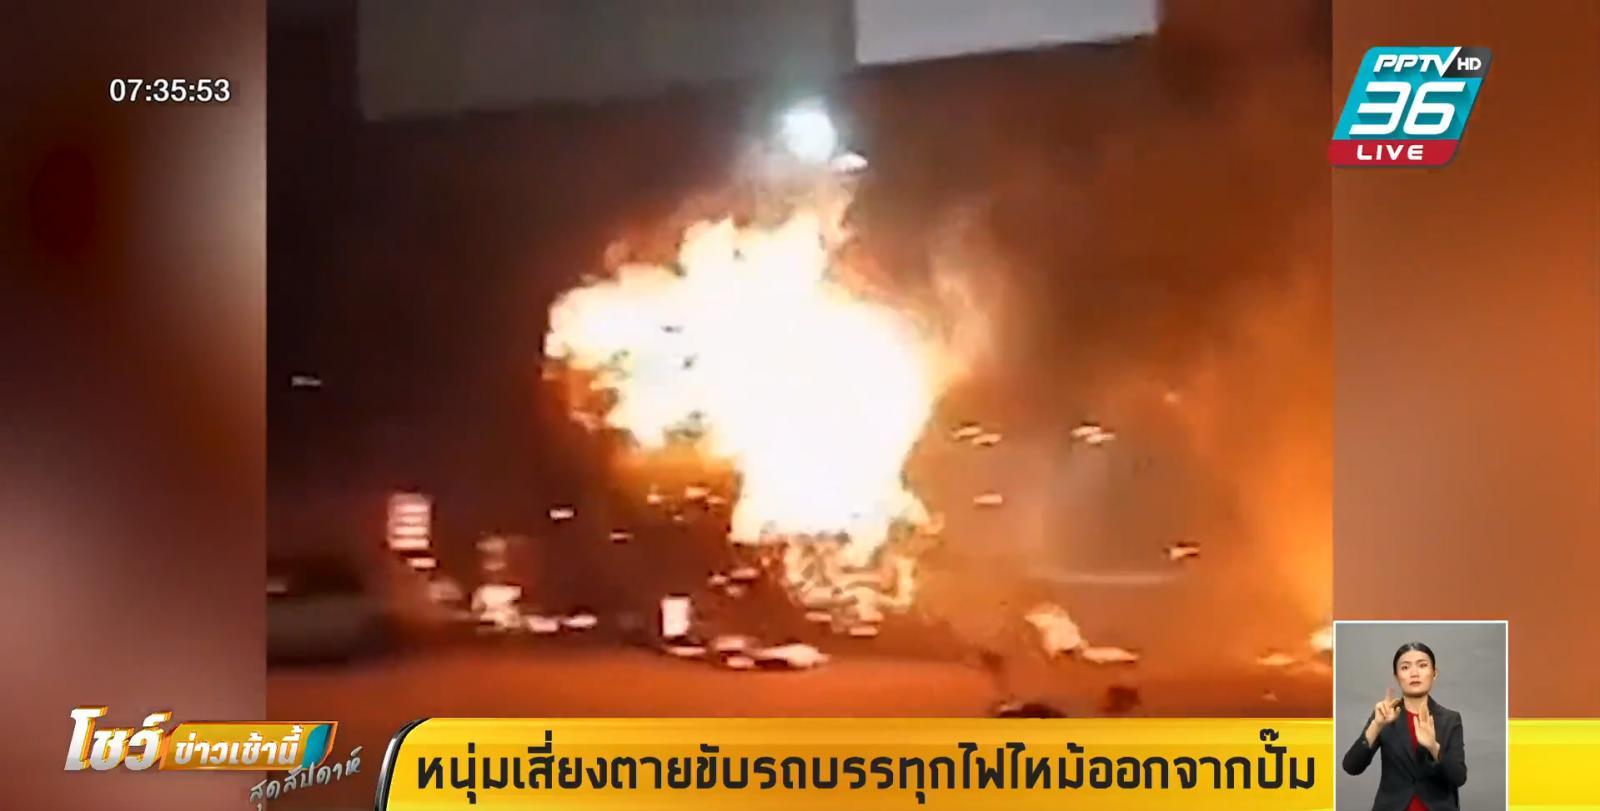 หนุ่มเล่านาทีเสี่ยงตาย ขับรถบรรทุกถูกวางเพลิงออกจากปั๊ม ป้องกันบึ้มซ้ำ